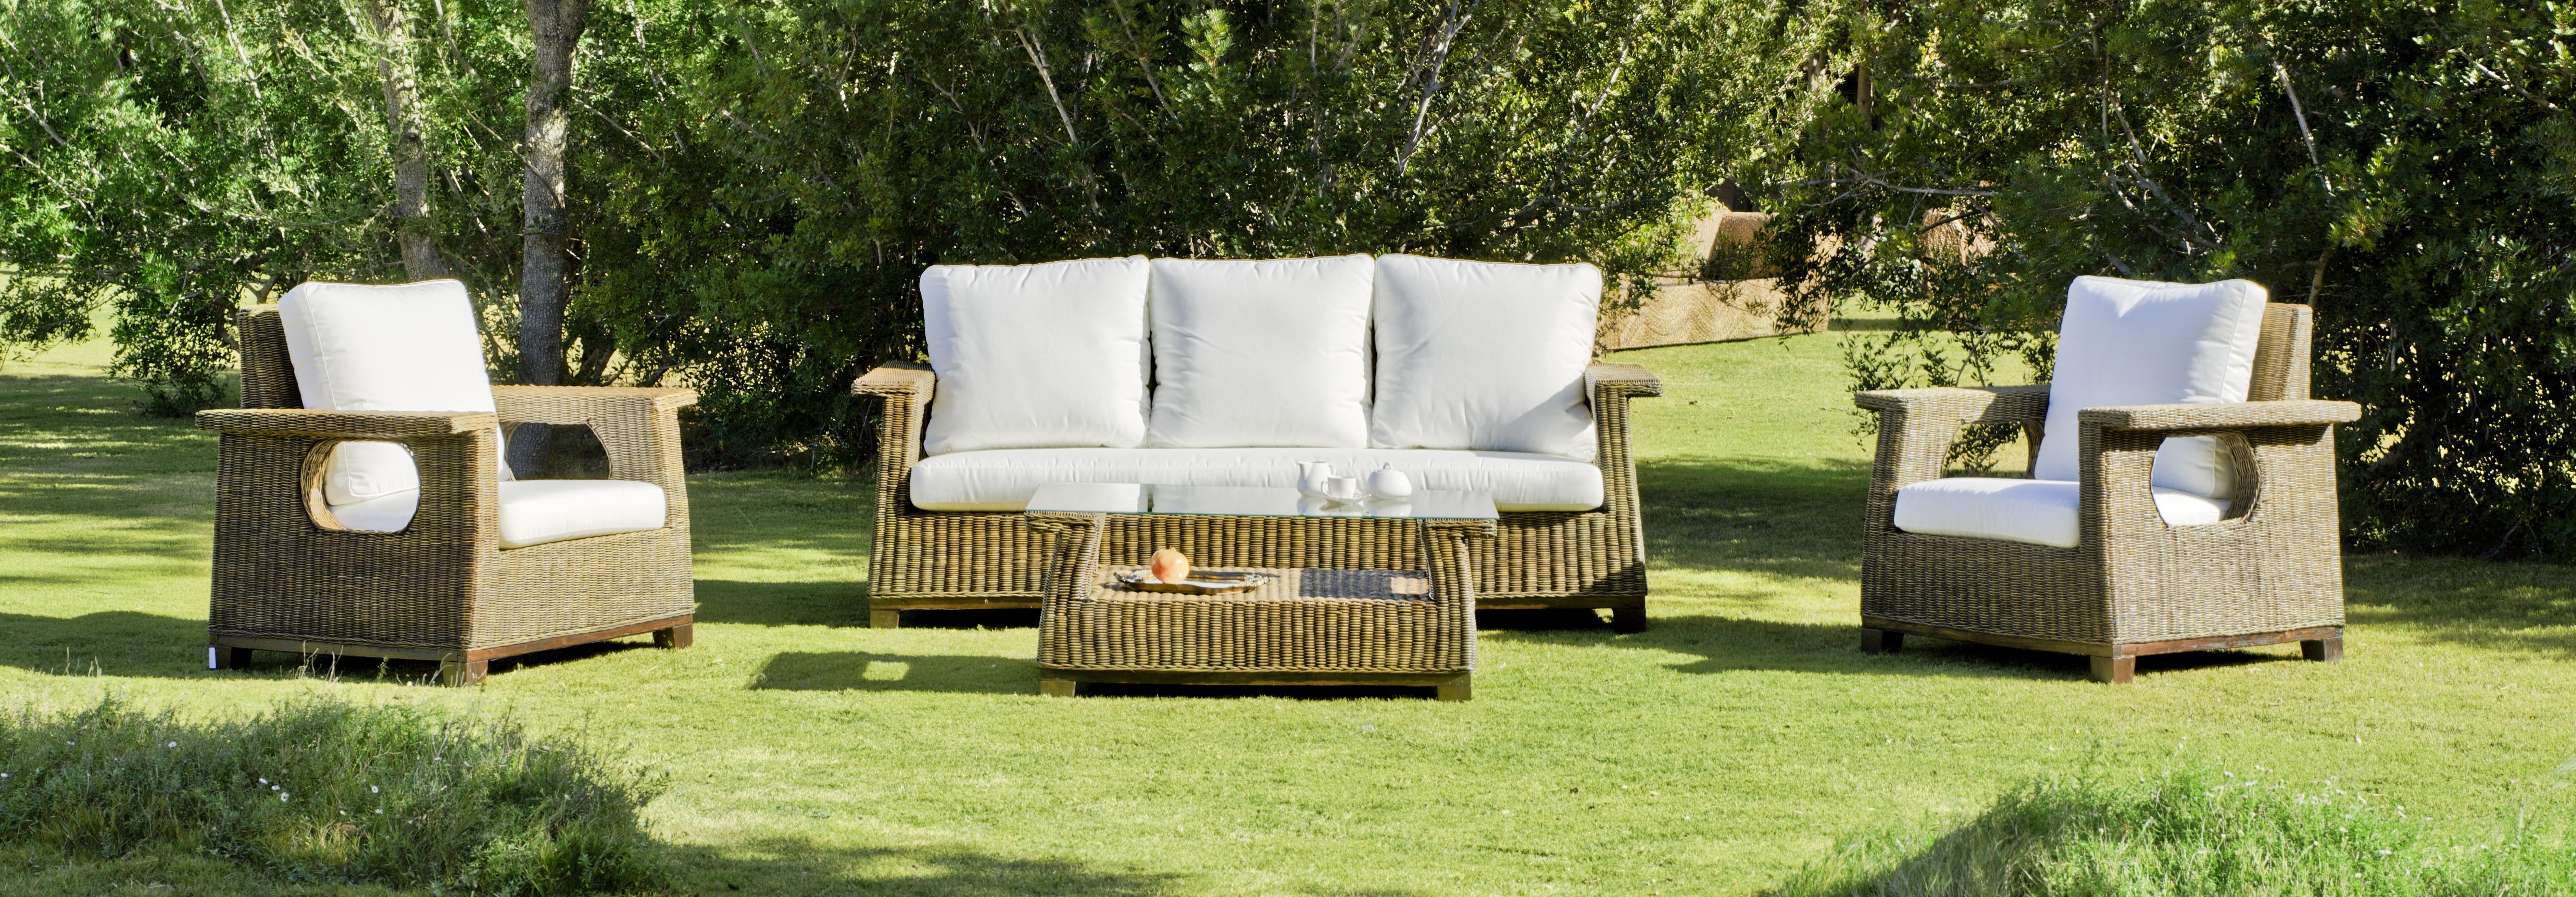 Chaise De Jardin Super U Nouveau Image Hyper U Salon De Jardin Plus Génial Best Salon De Jardin Resine